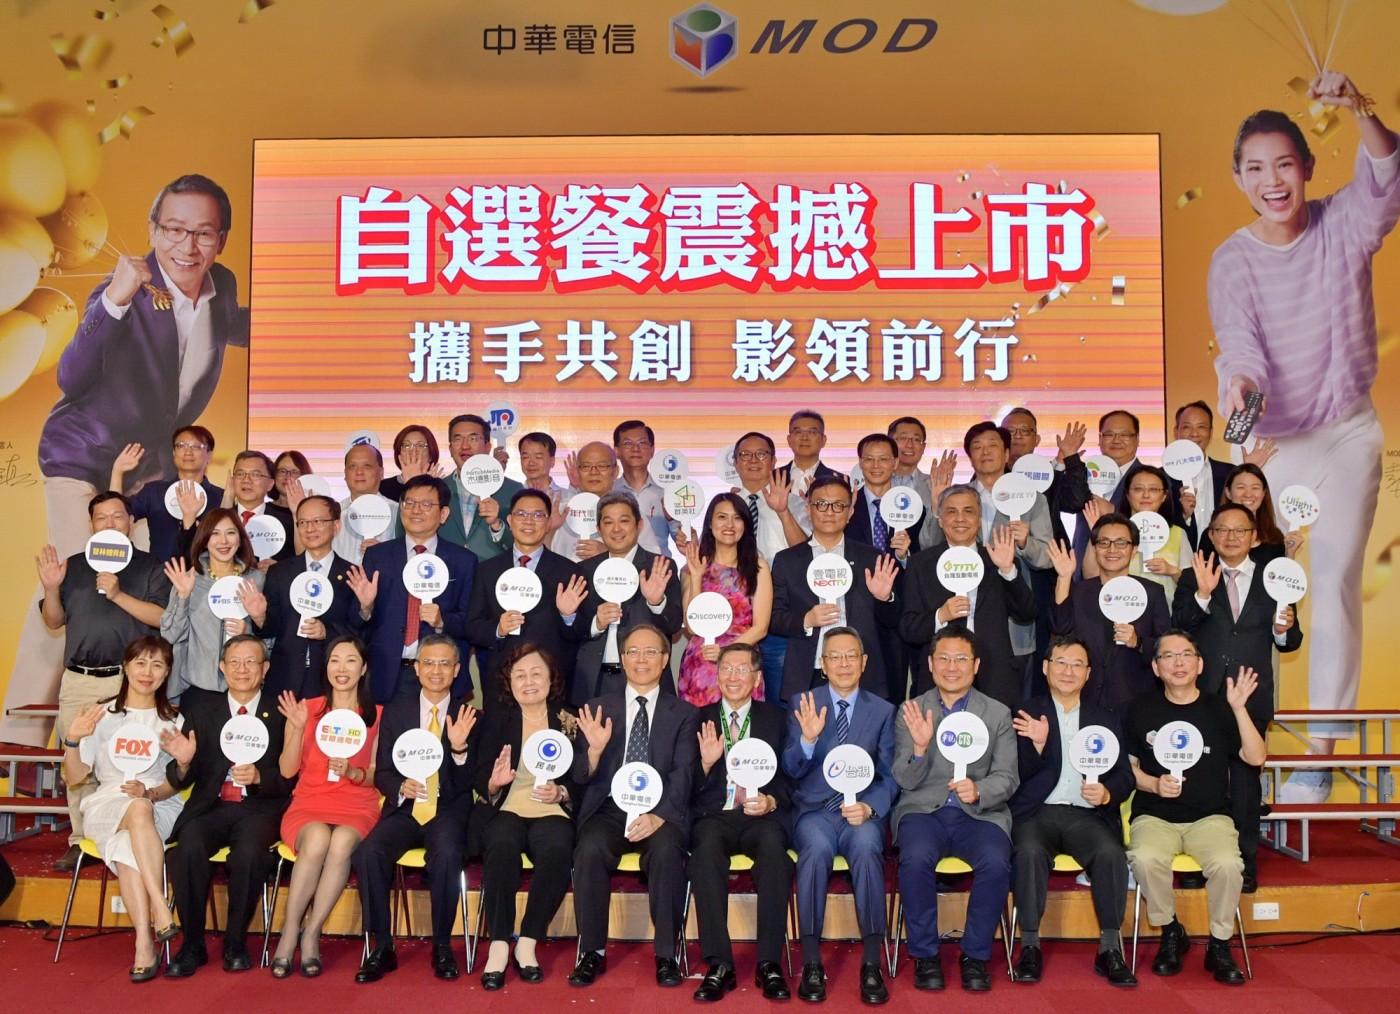 中華MOD再創里程碑 領先業界獨家推出「自選餐」將頻道自主權還給消費者多樣化的頻道自由選、輕鬆換